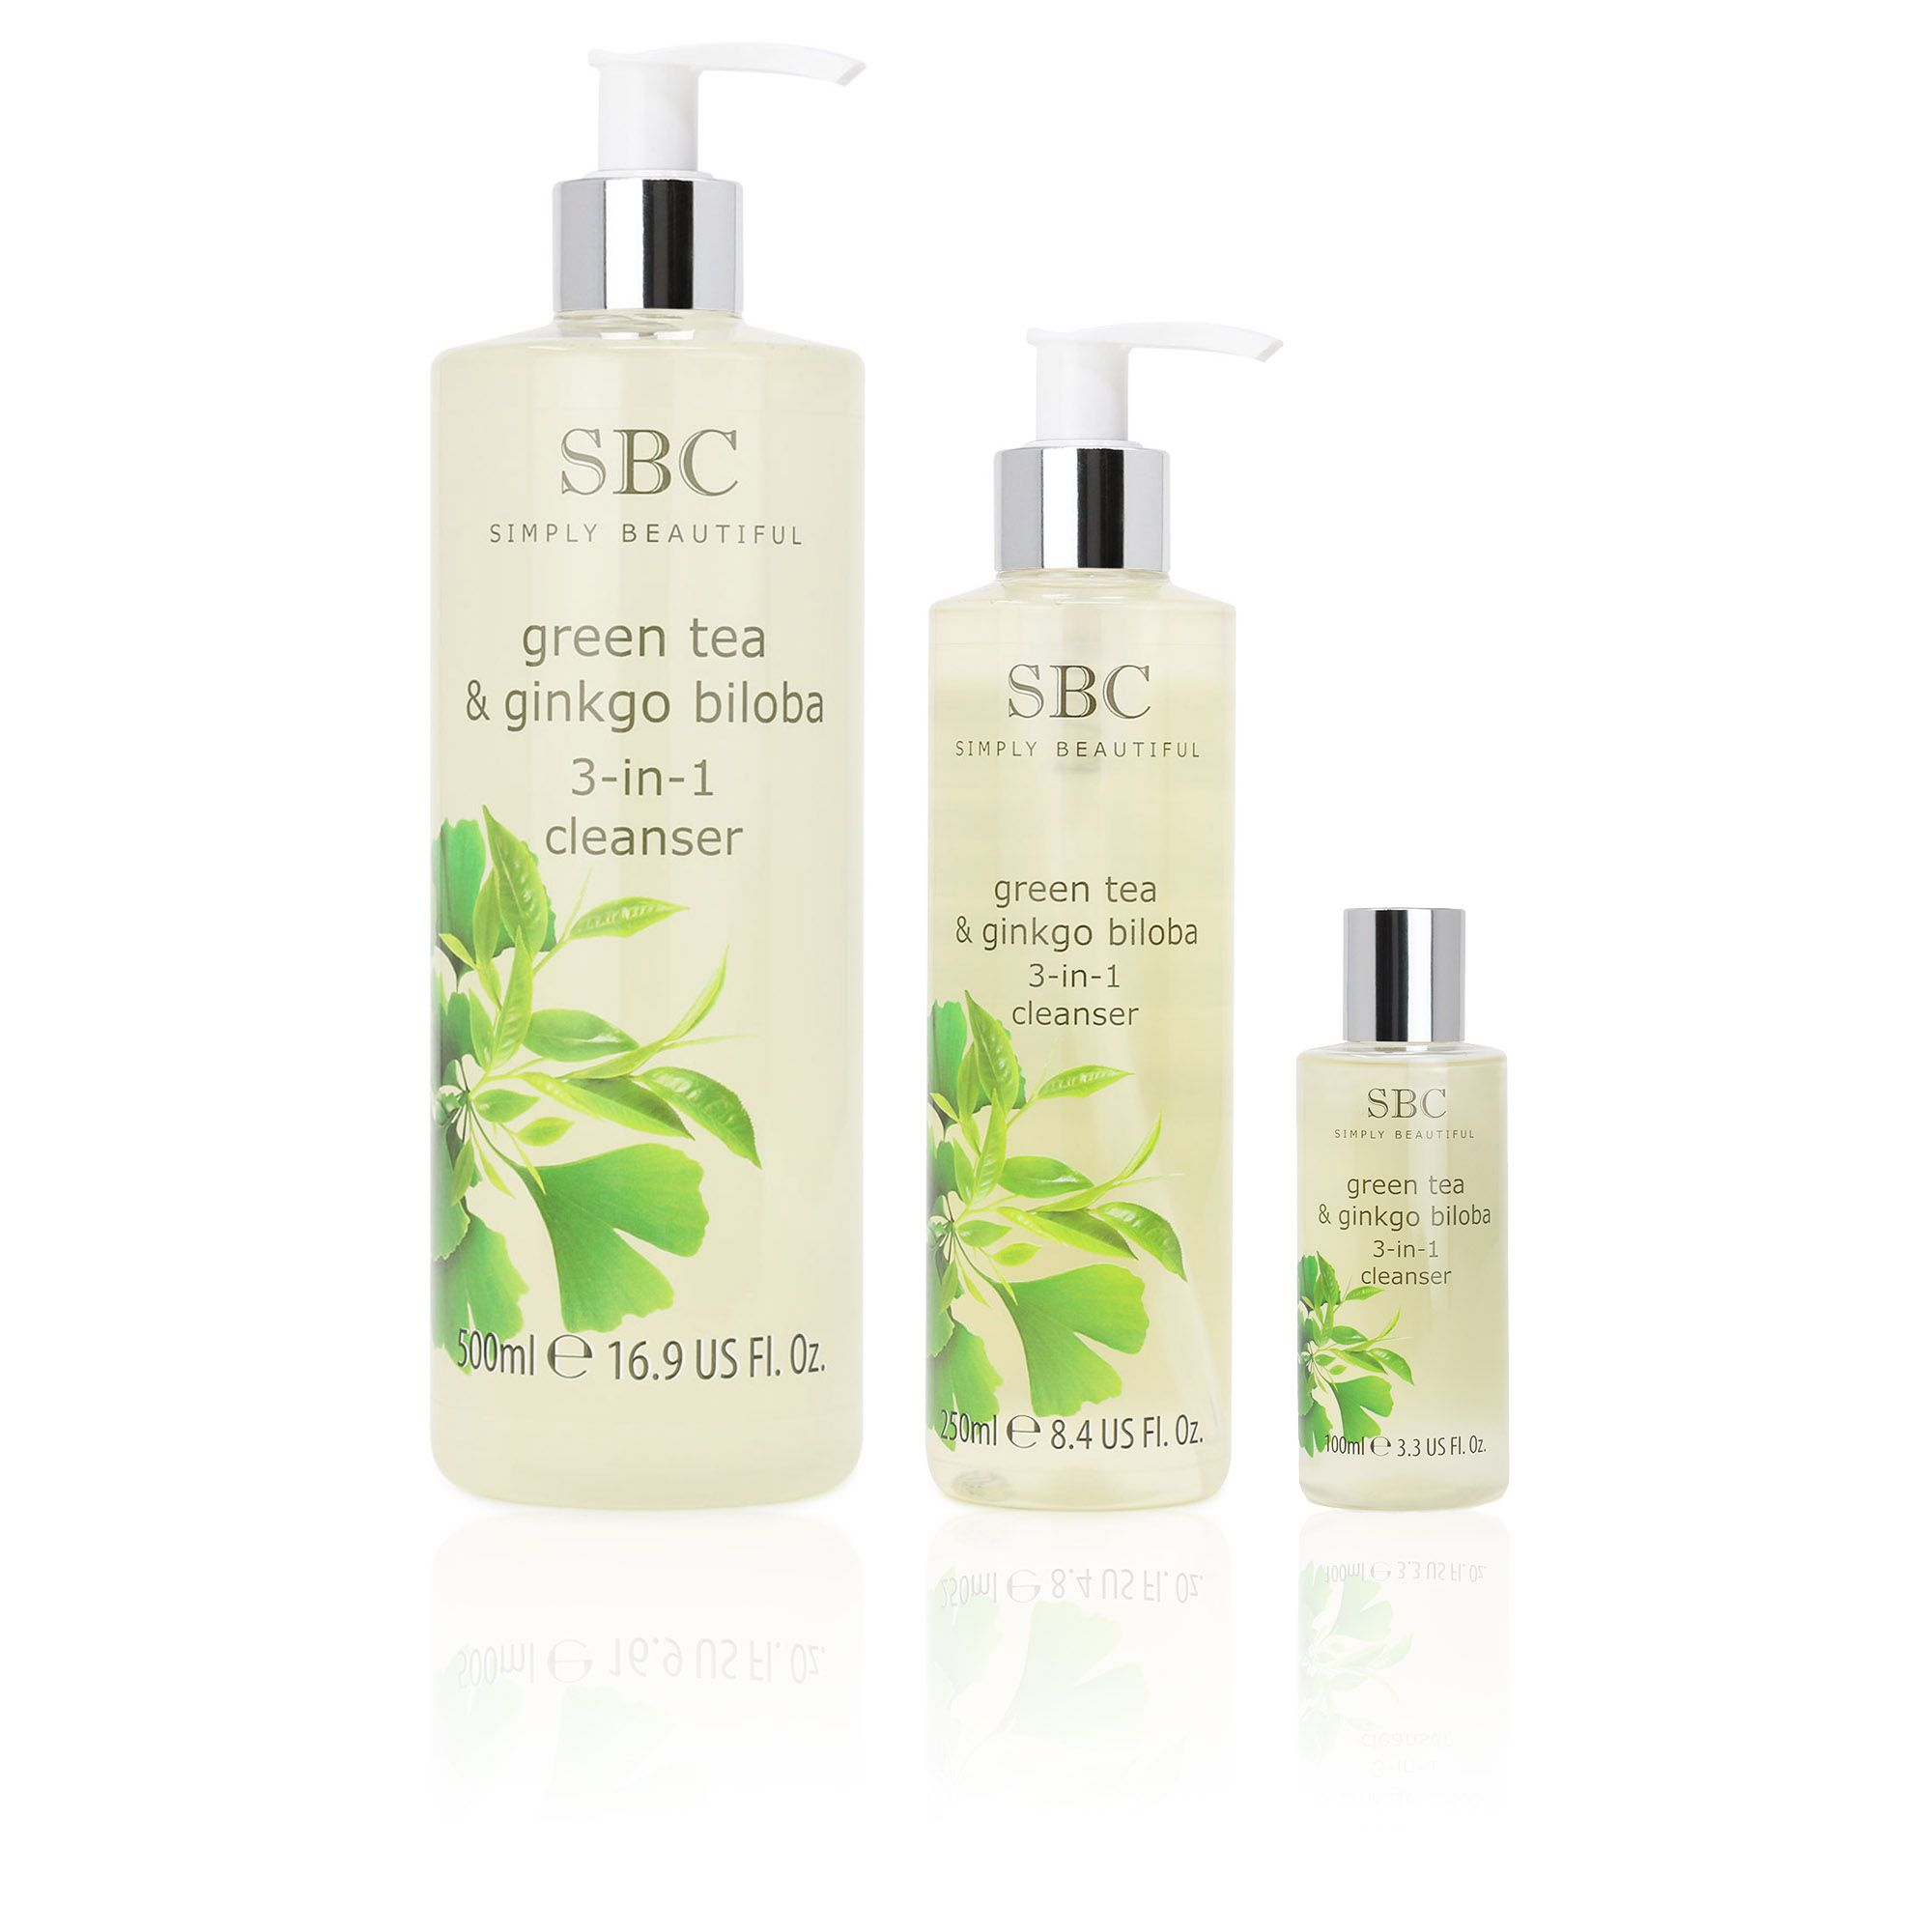 Sbc all skins 3in1 3 detergenti pulizia del viso in 3 formati qvc italia - Qvc marchi cucina ...